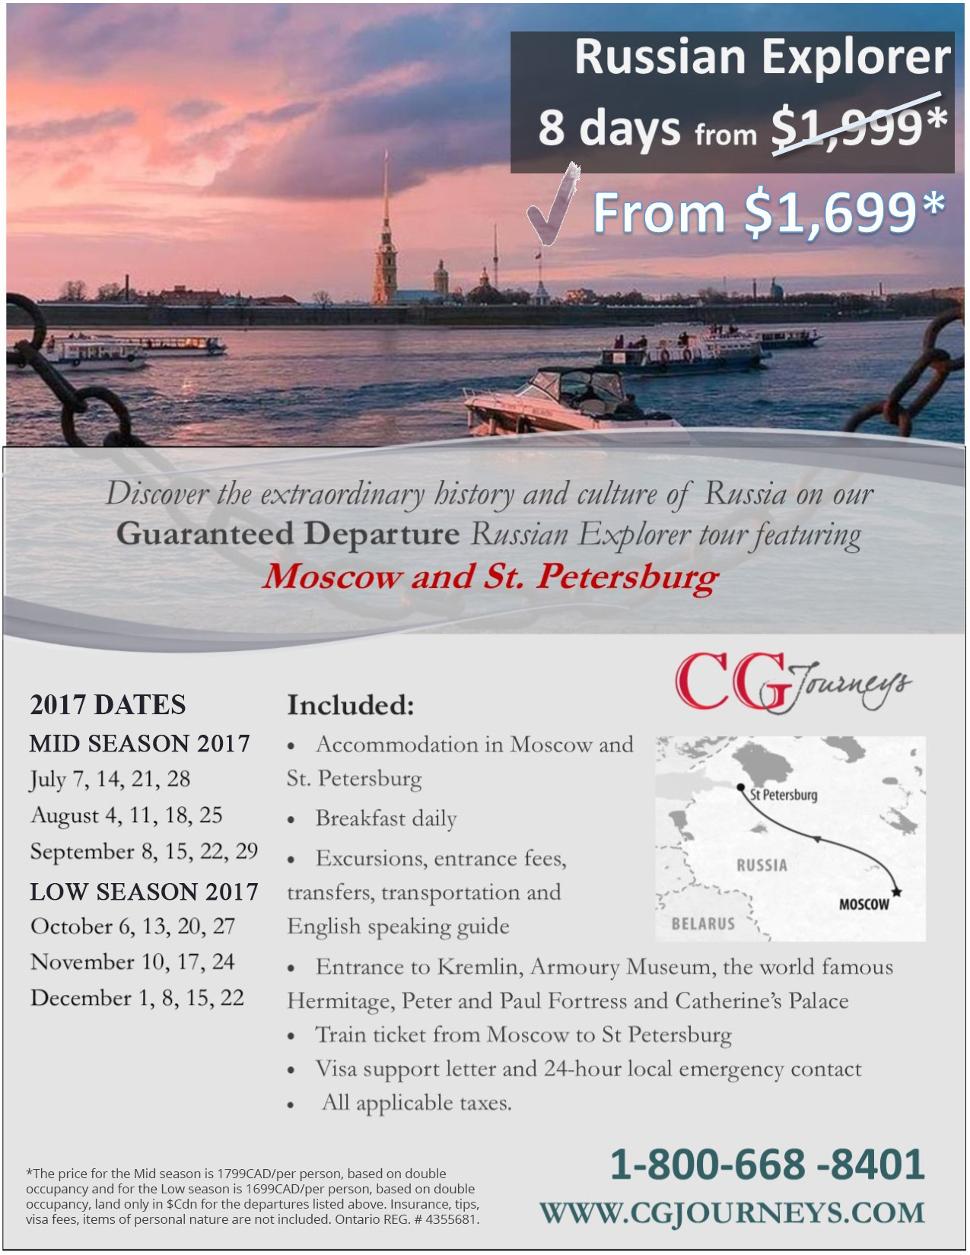 classic-russia-deals-2017-28